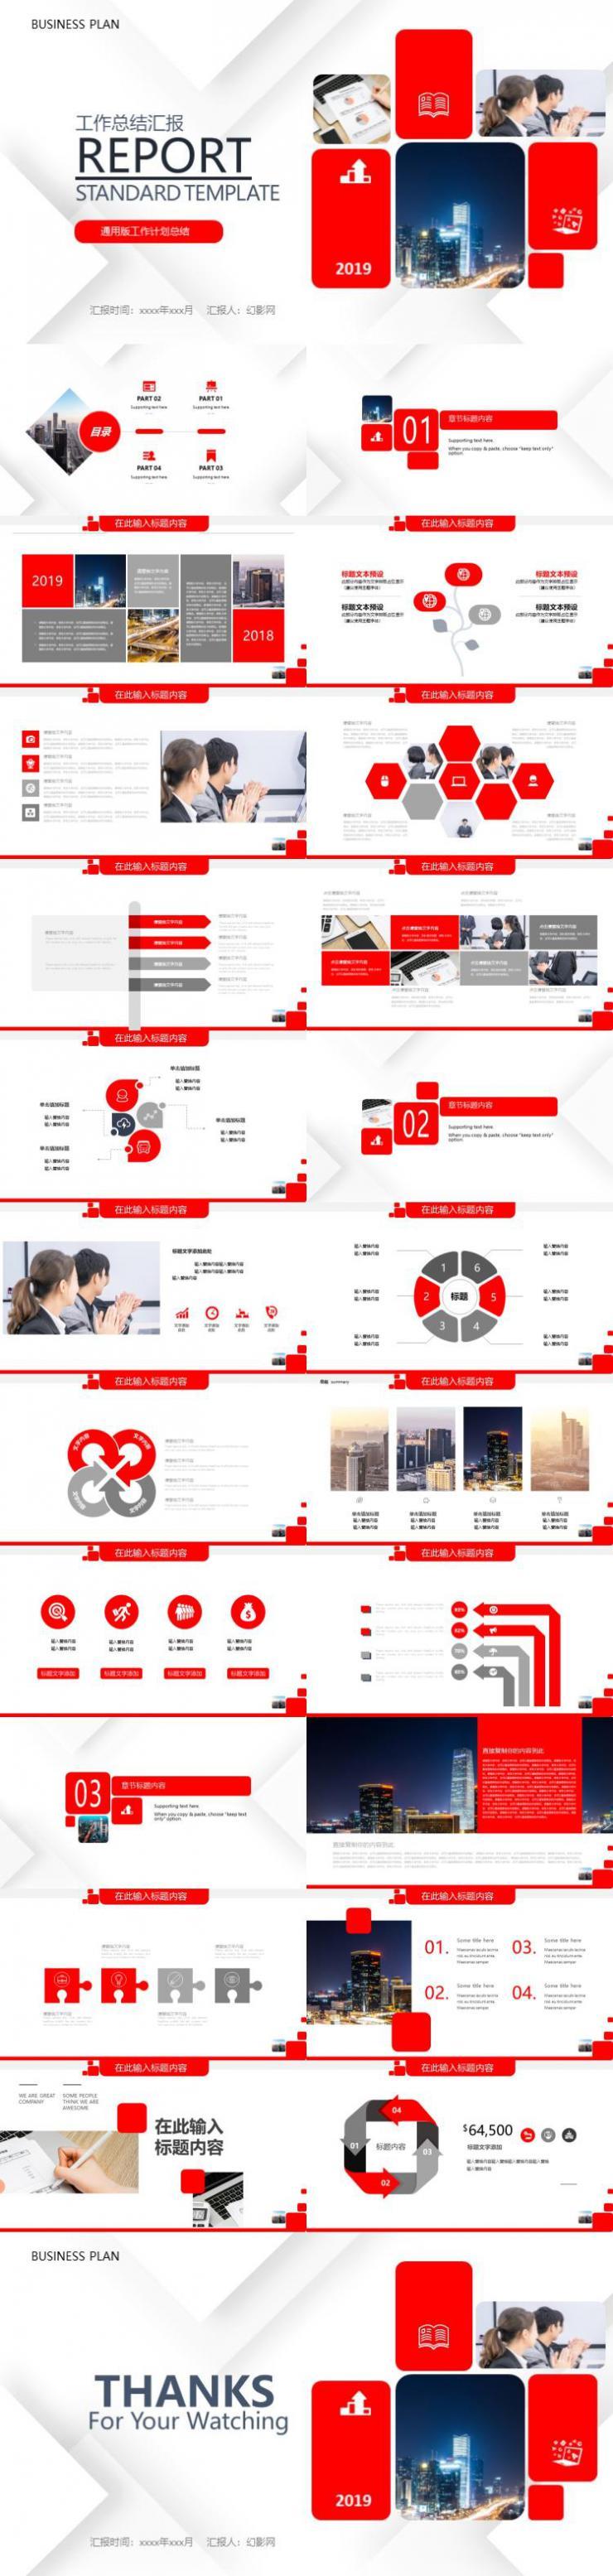 红色事业单位工作报告PPT模板